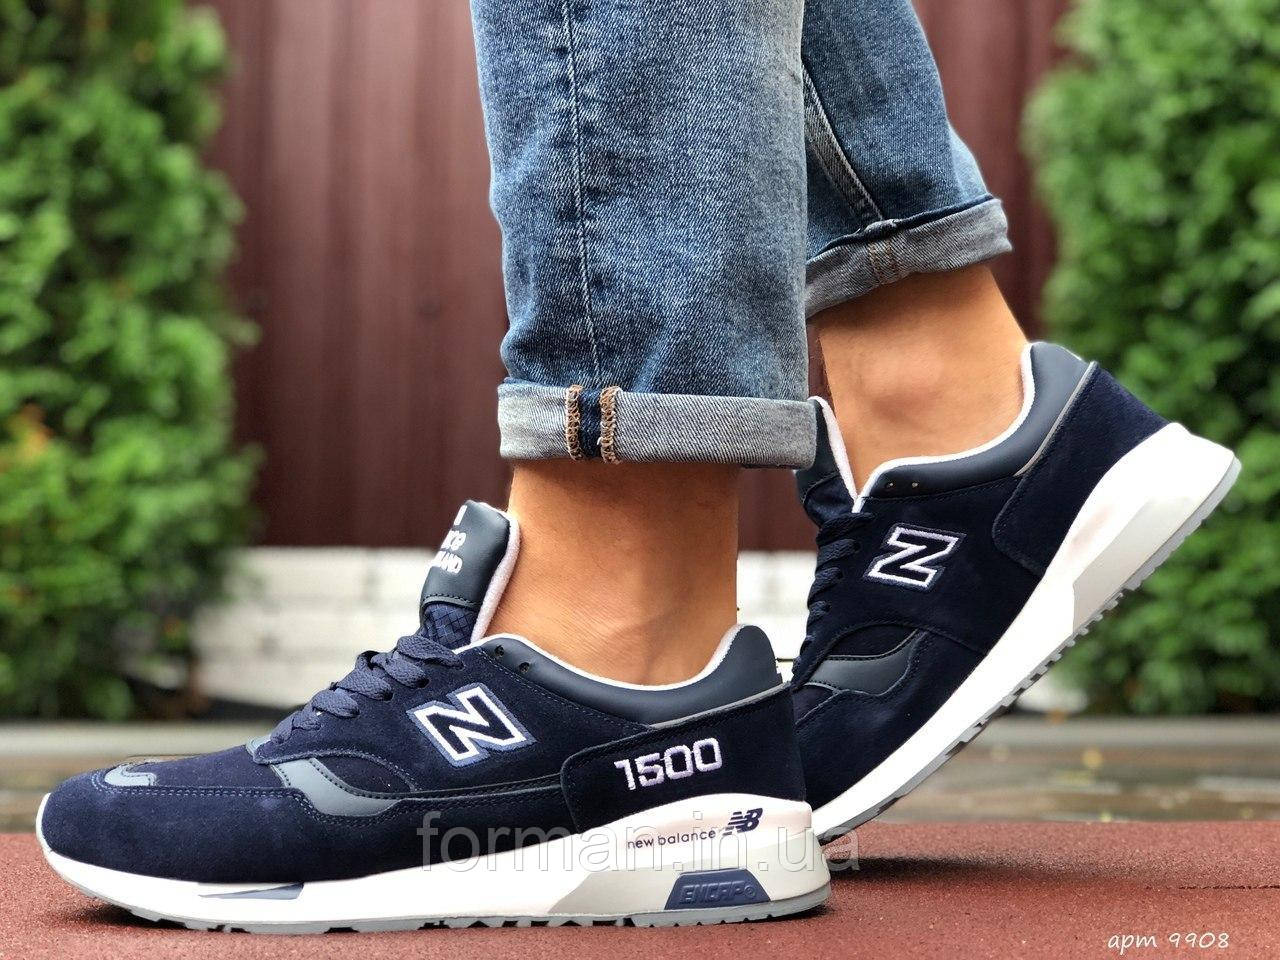 Чоловічі шкіряні кросівки New Balance 1500 темно сині на білій підошві